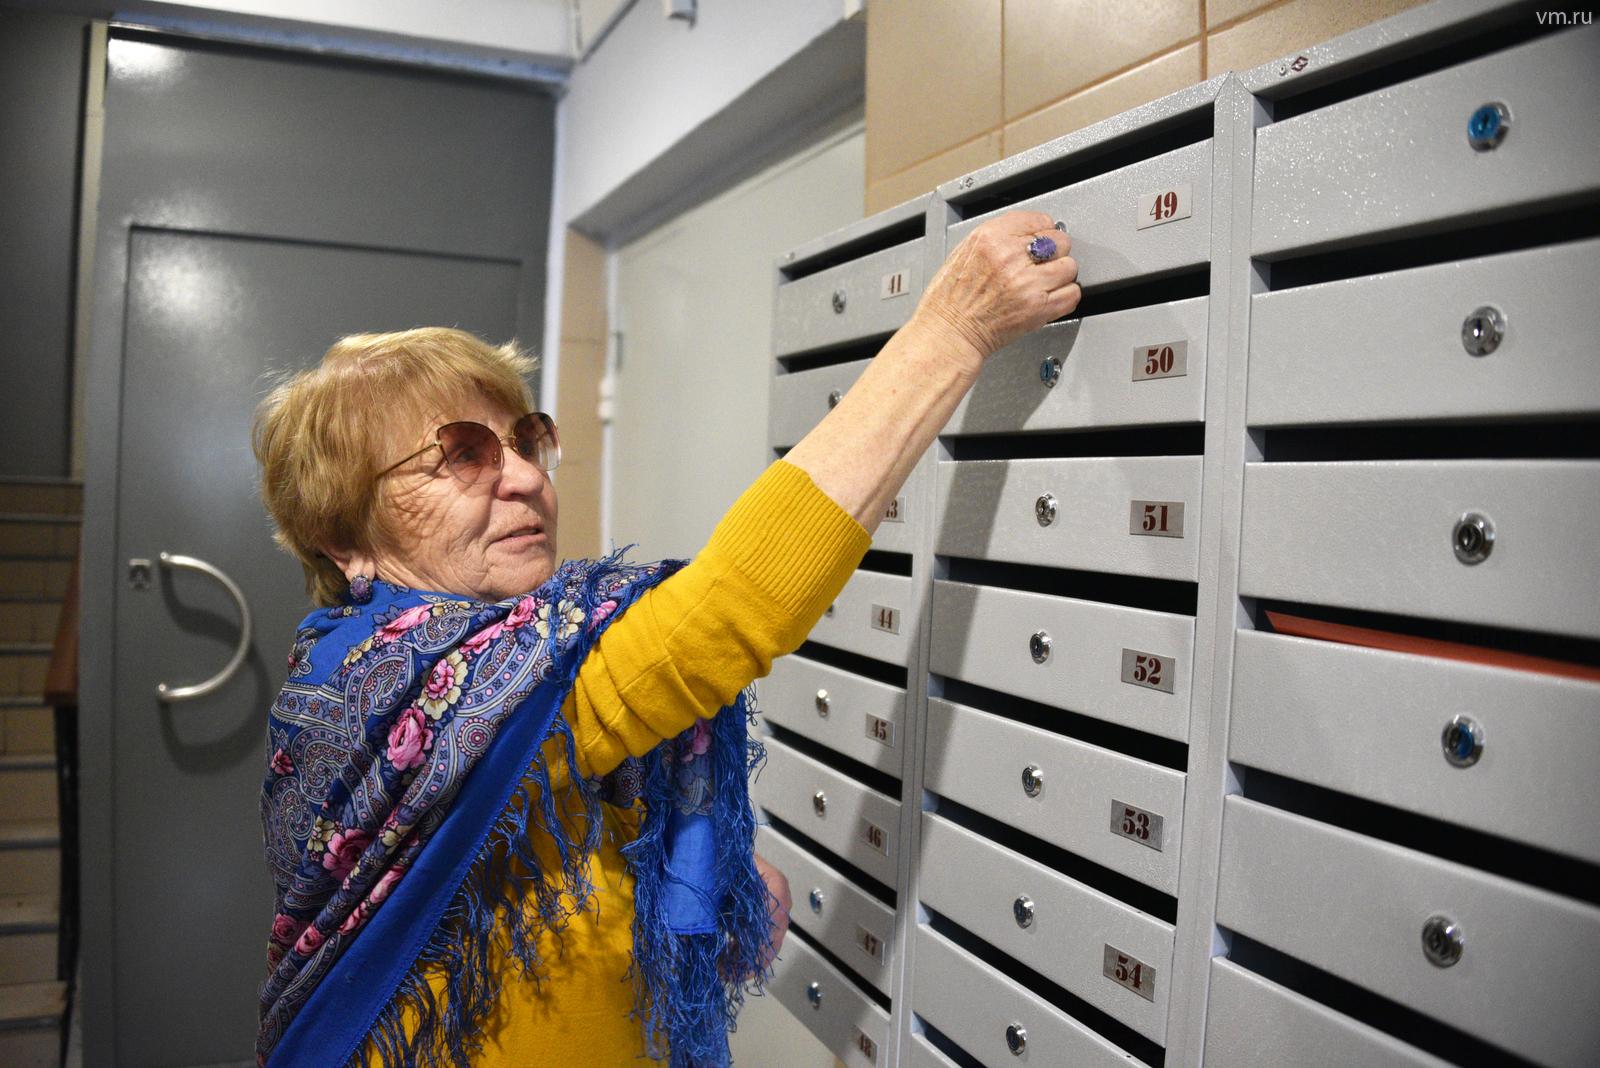 За короткое время 5000 стариков получили письма / Пелагия Замятина, «Вечерняя Москва»